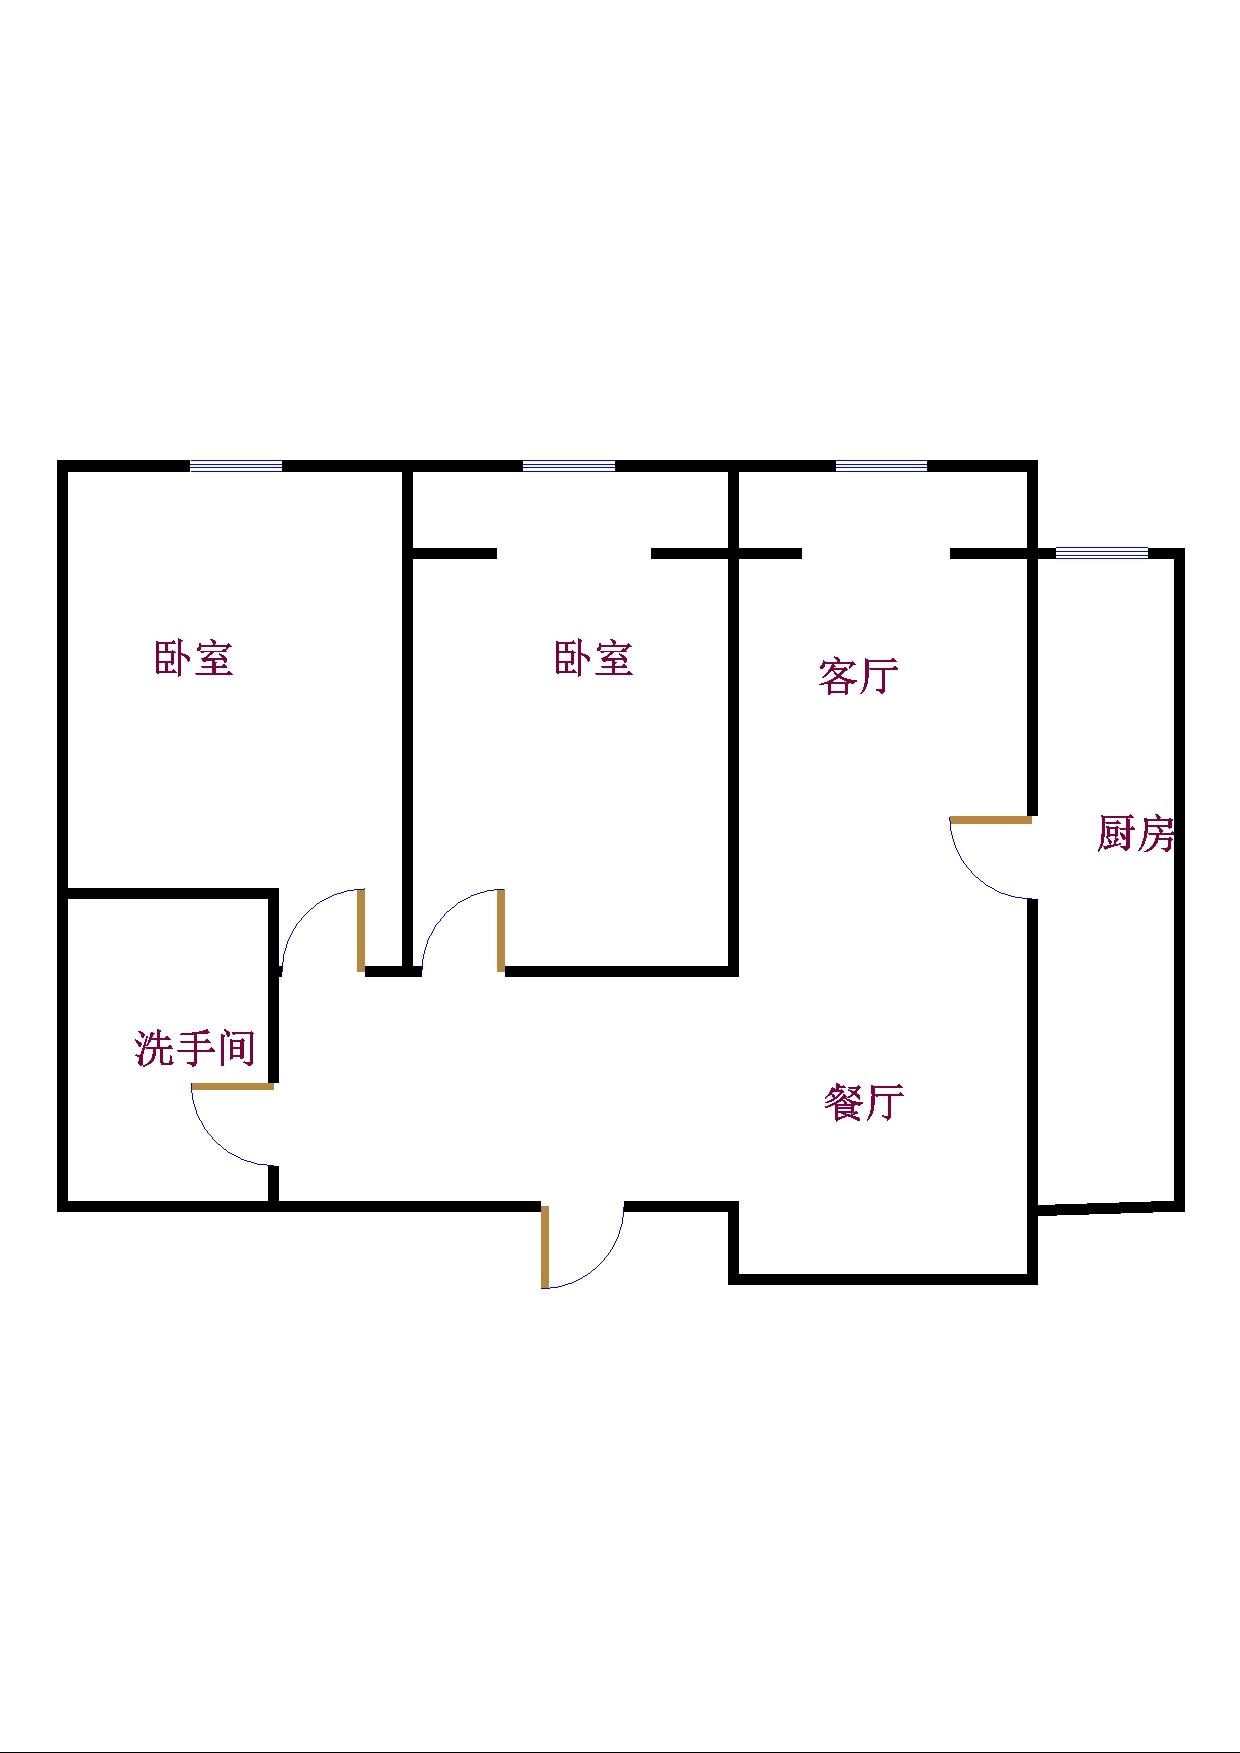 东海香港城 2室2厅 21楼